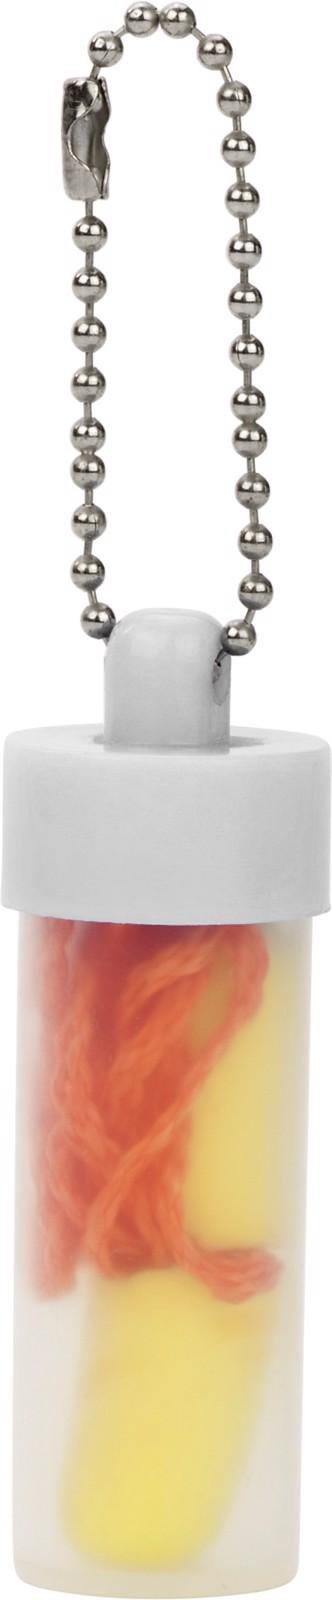 Foam ear plugs - White